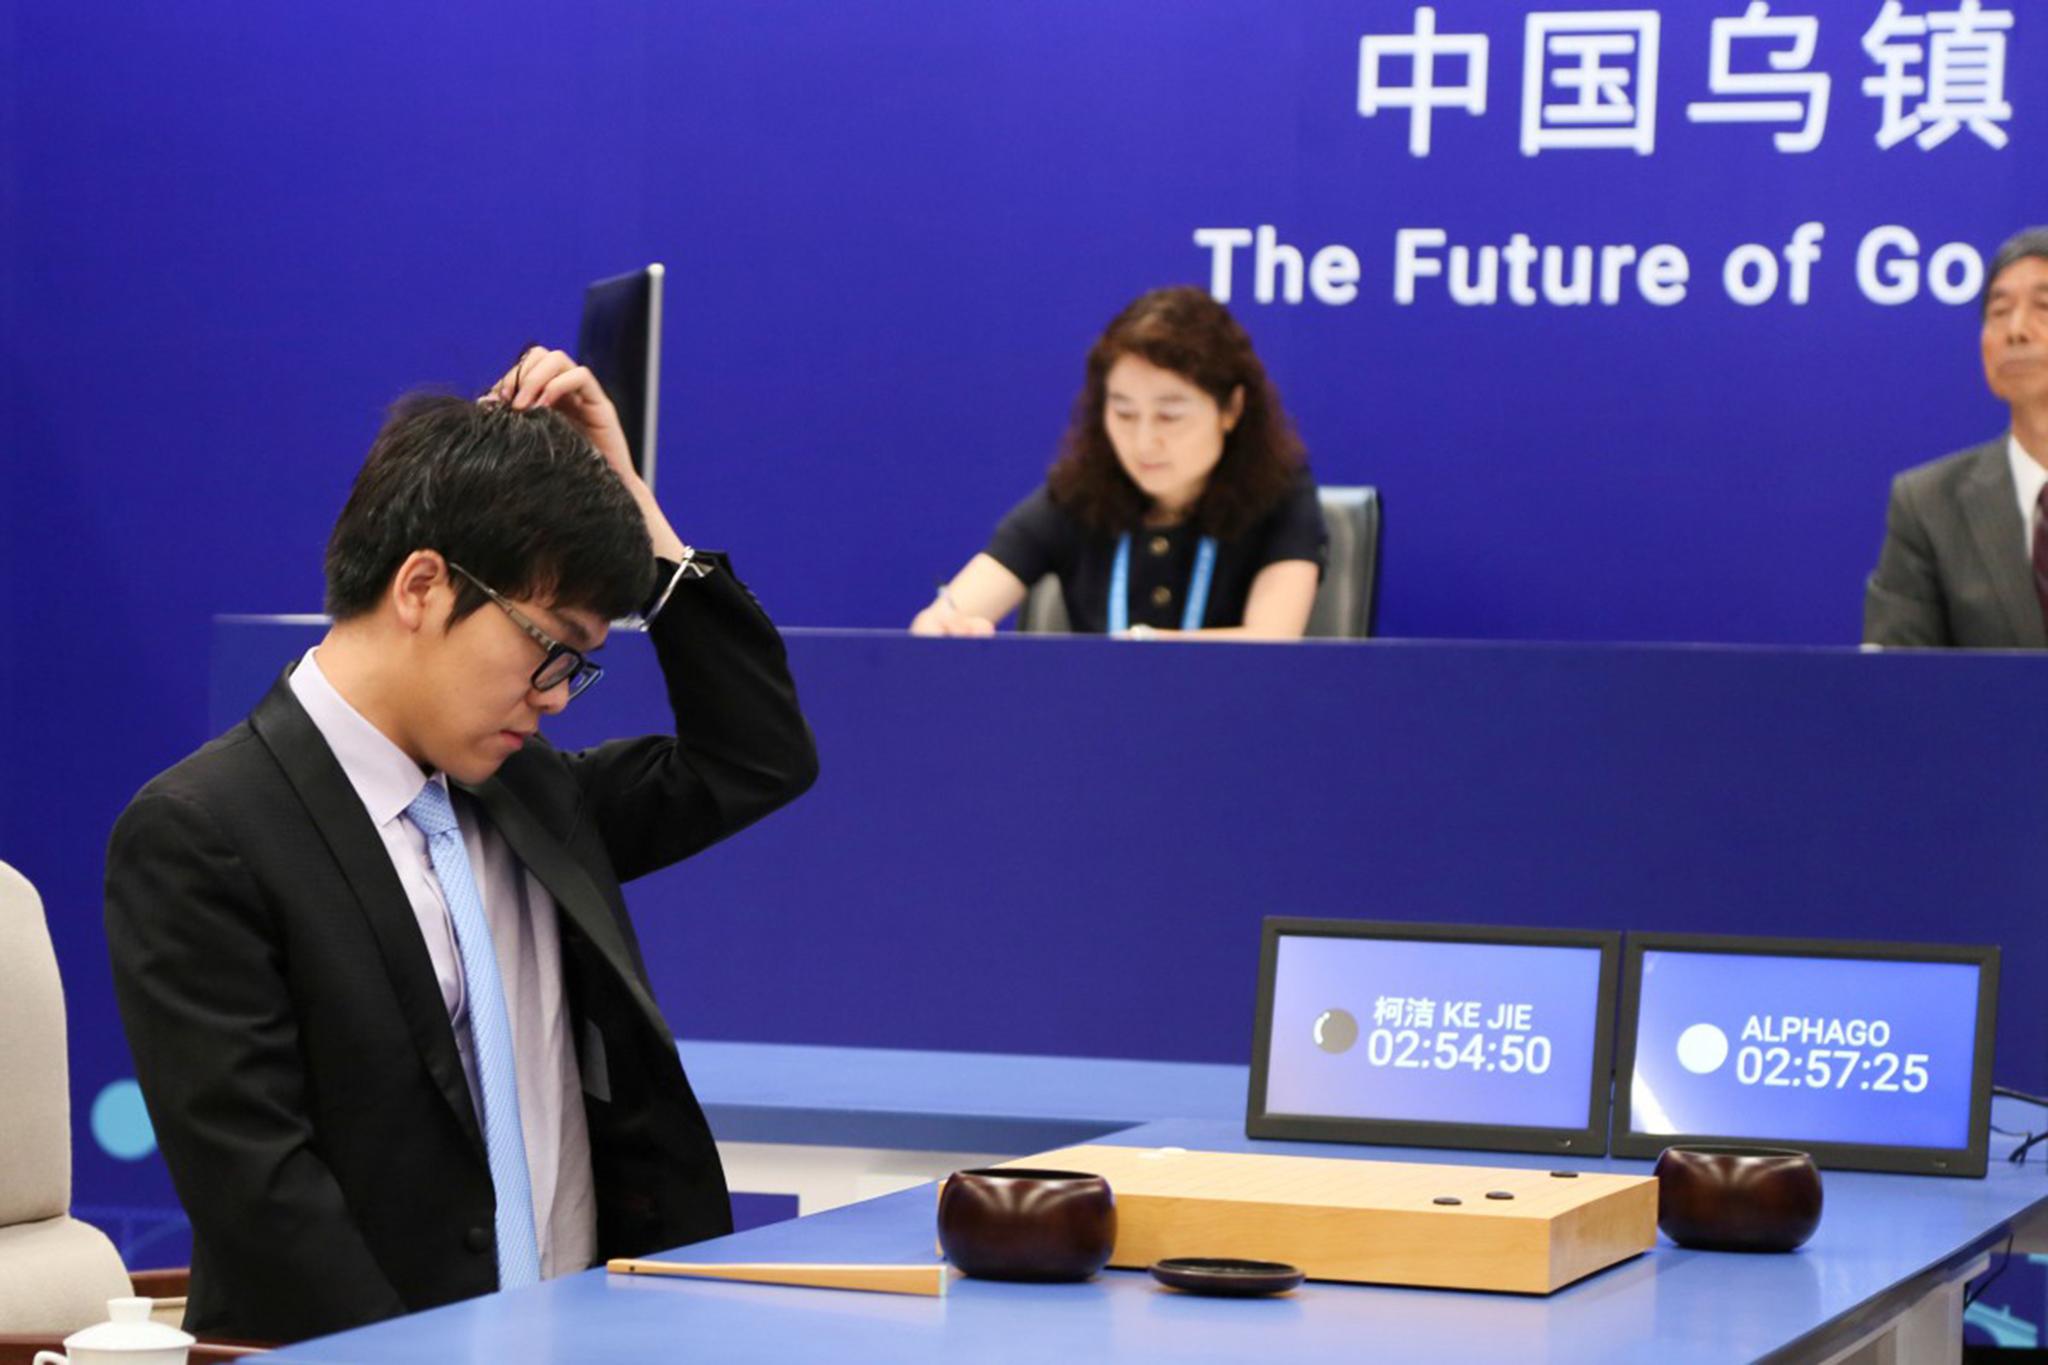 Go | Computador volta a derrotar campeão chinês